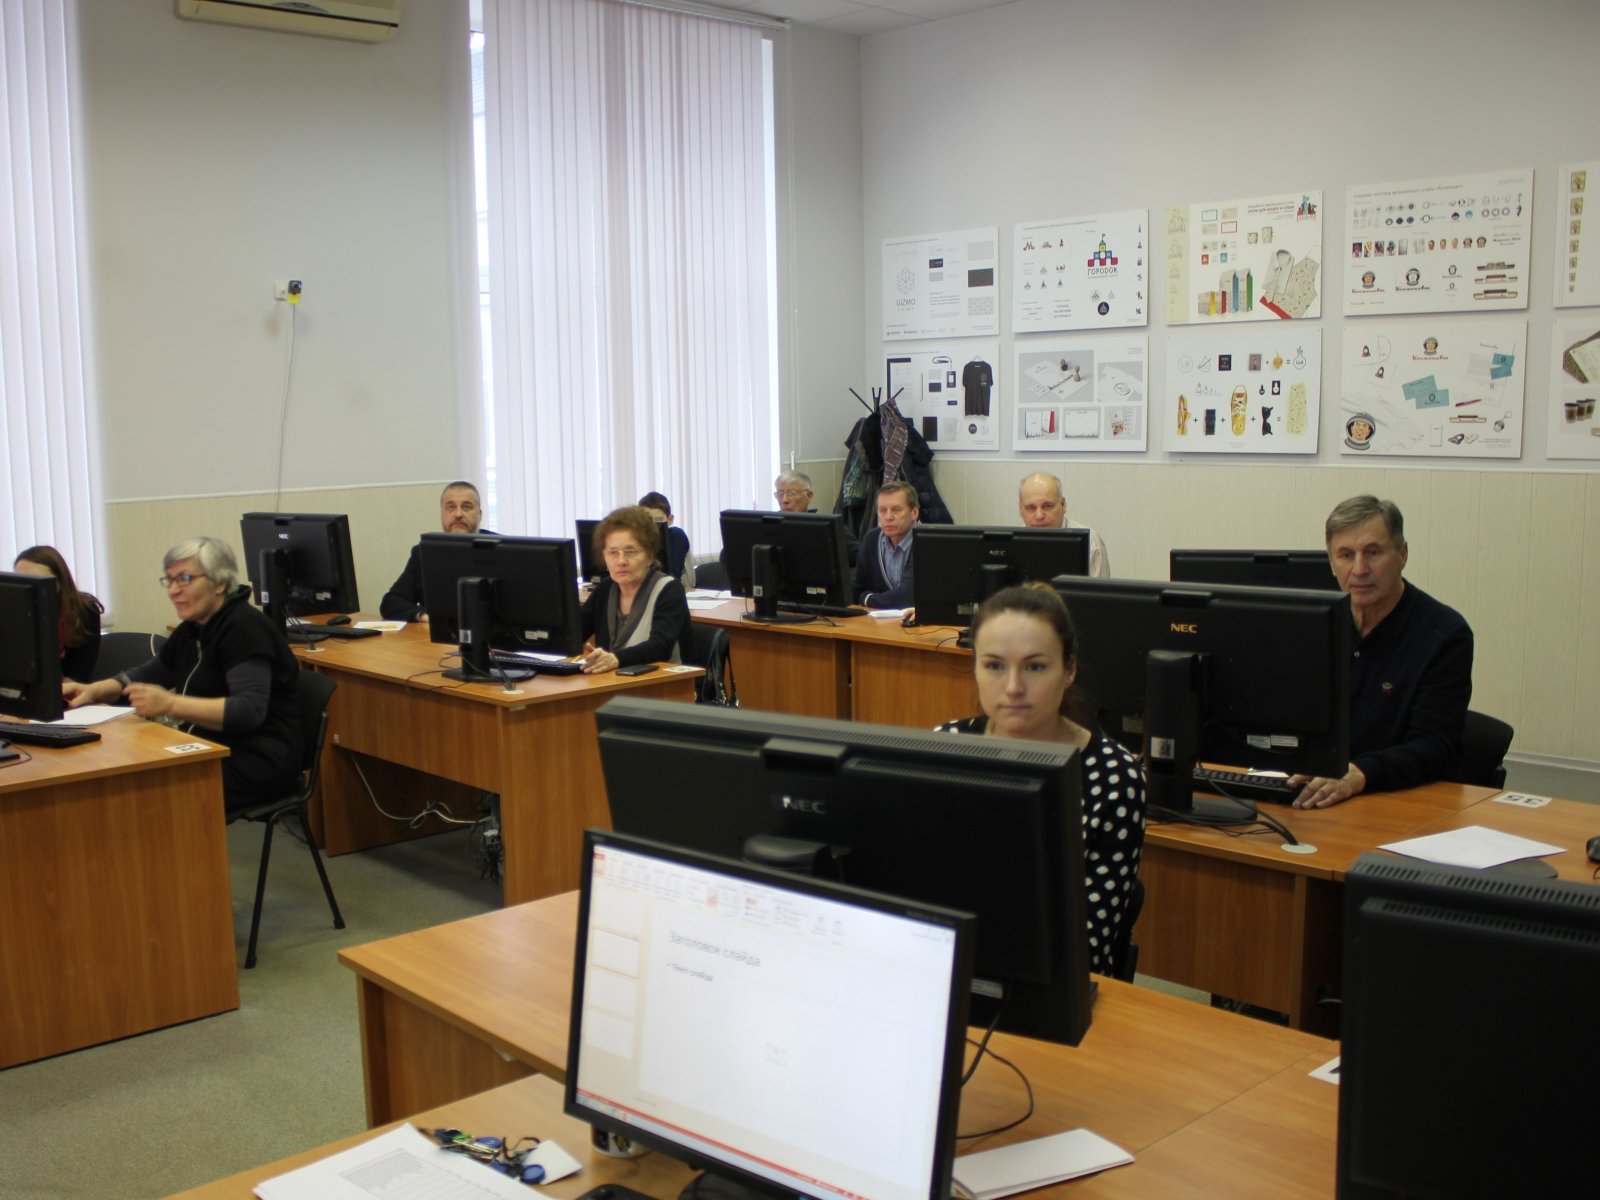 Мультимедийные презентации в образовательной деятельности